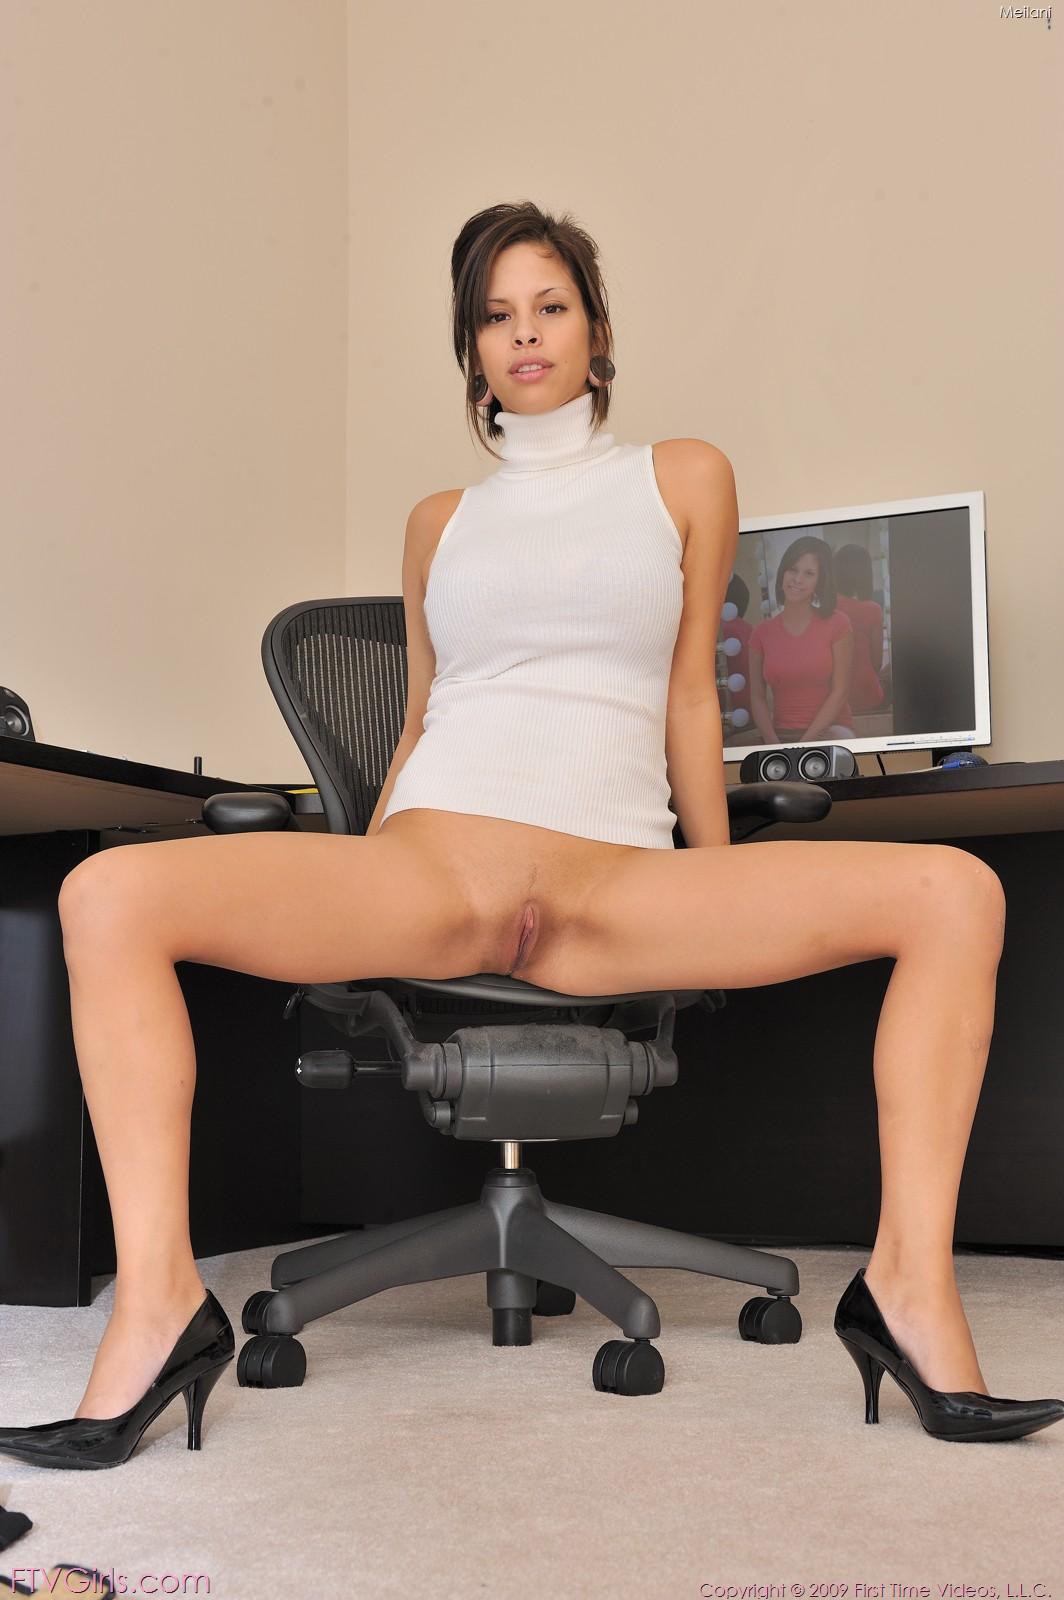 secretary Ftv girl